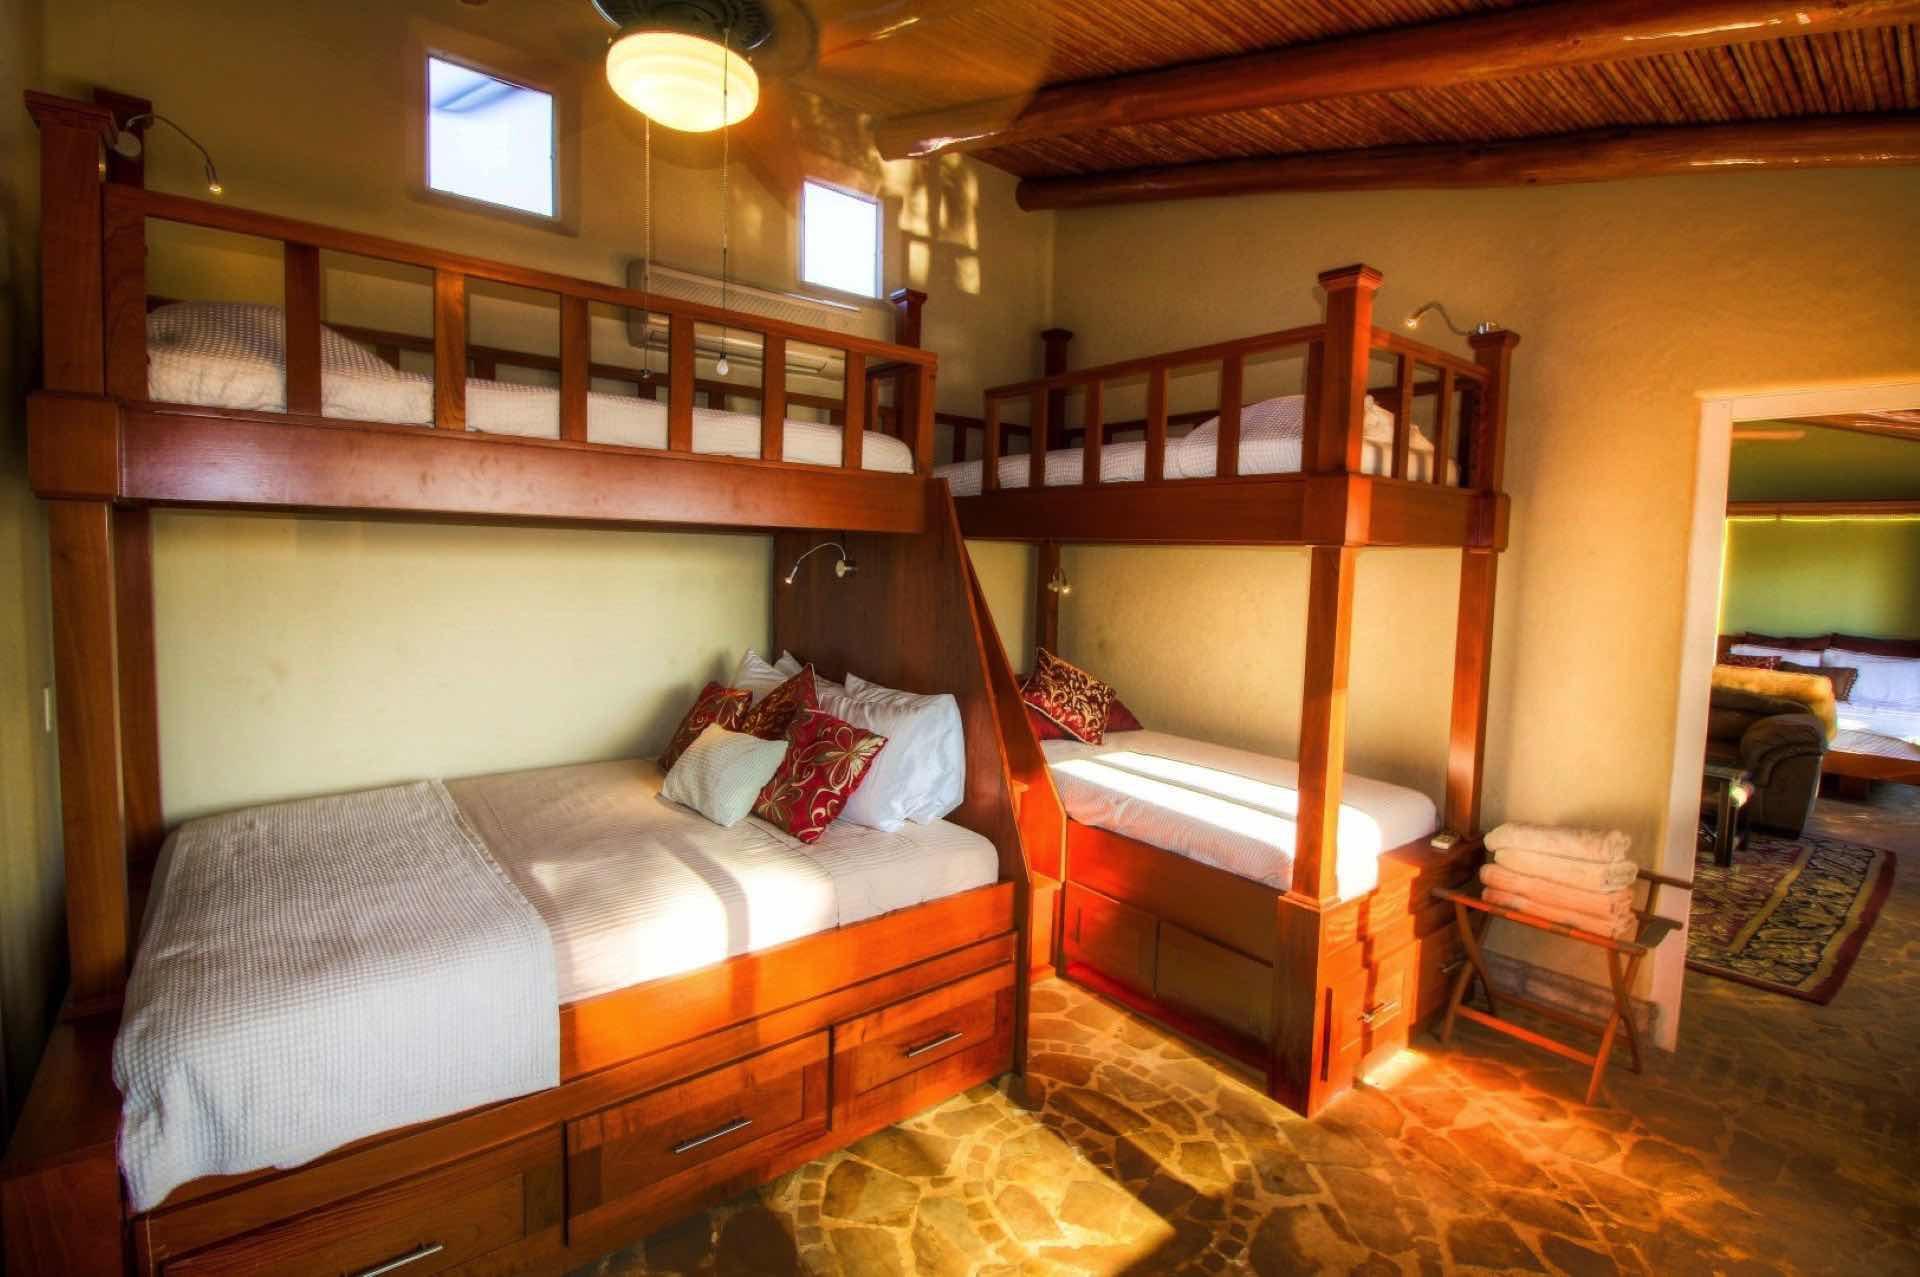 Bunk Room With Queen (Sleeps 6)